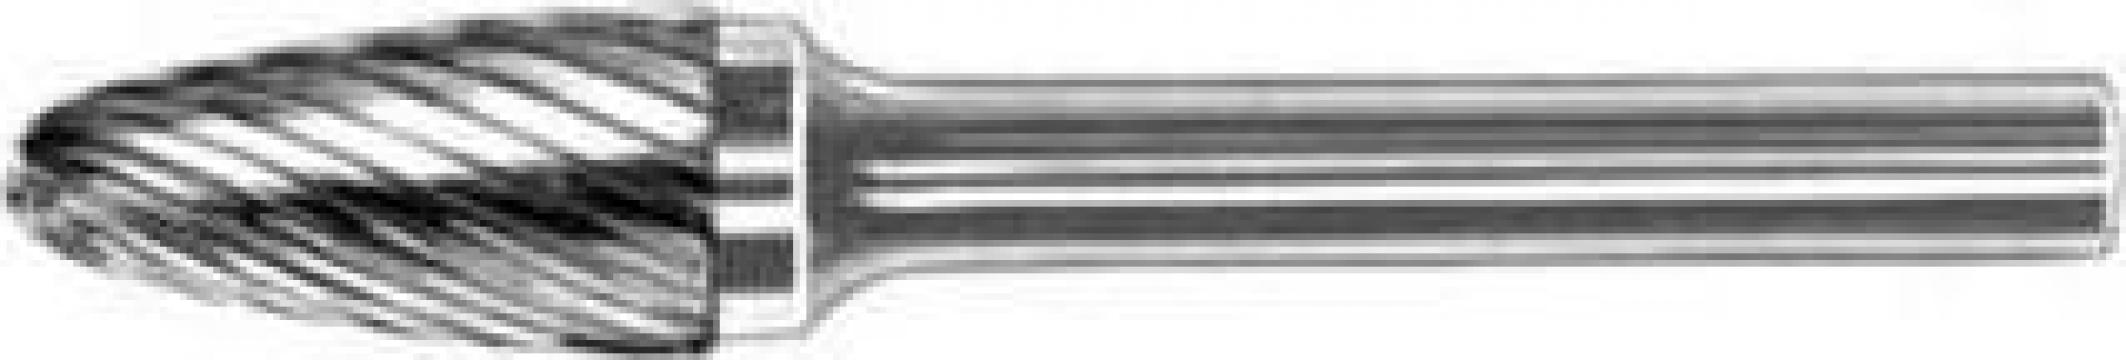 Freze biax - forma arc rotunjit F de la Sc Convar Imex Srl